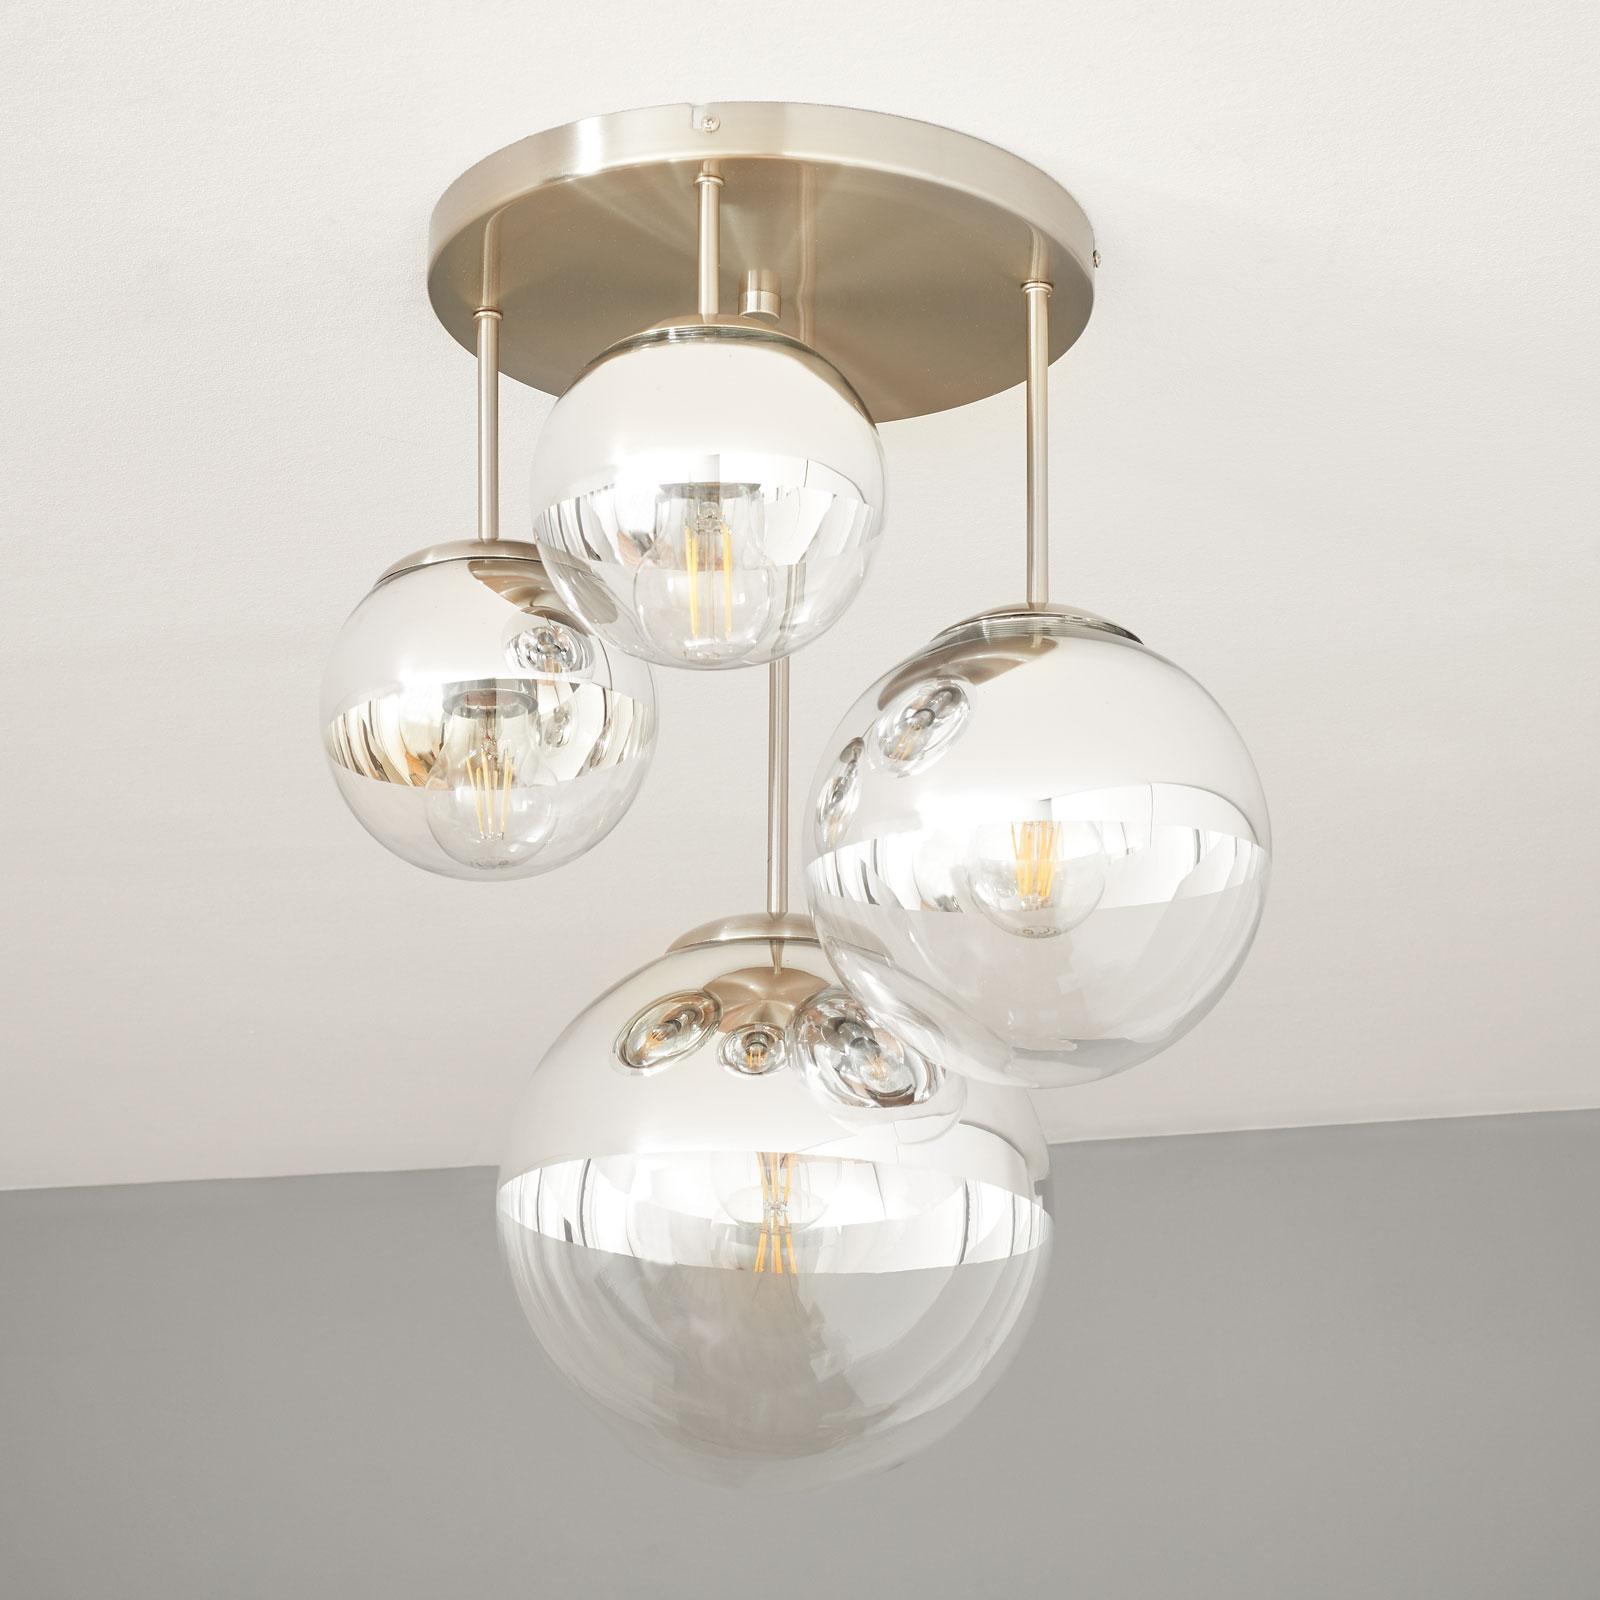 Taklampe Ravena med kuler, 4 lyskilder